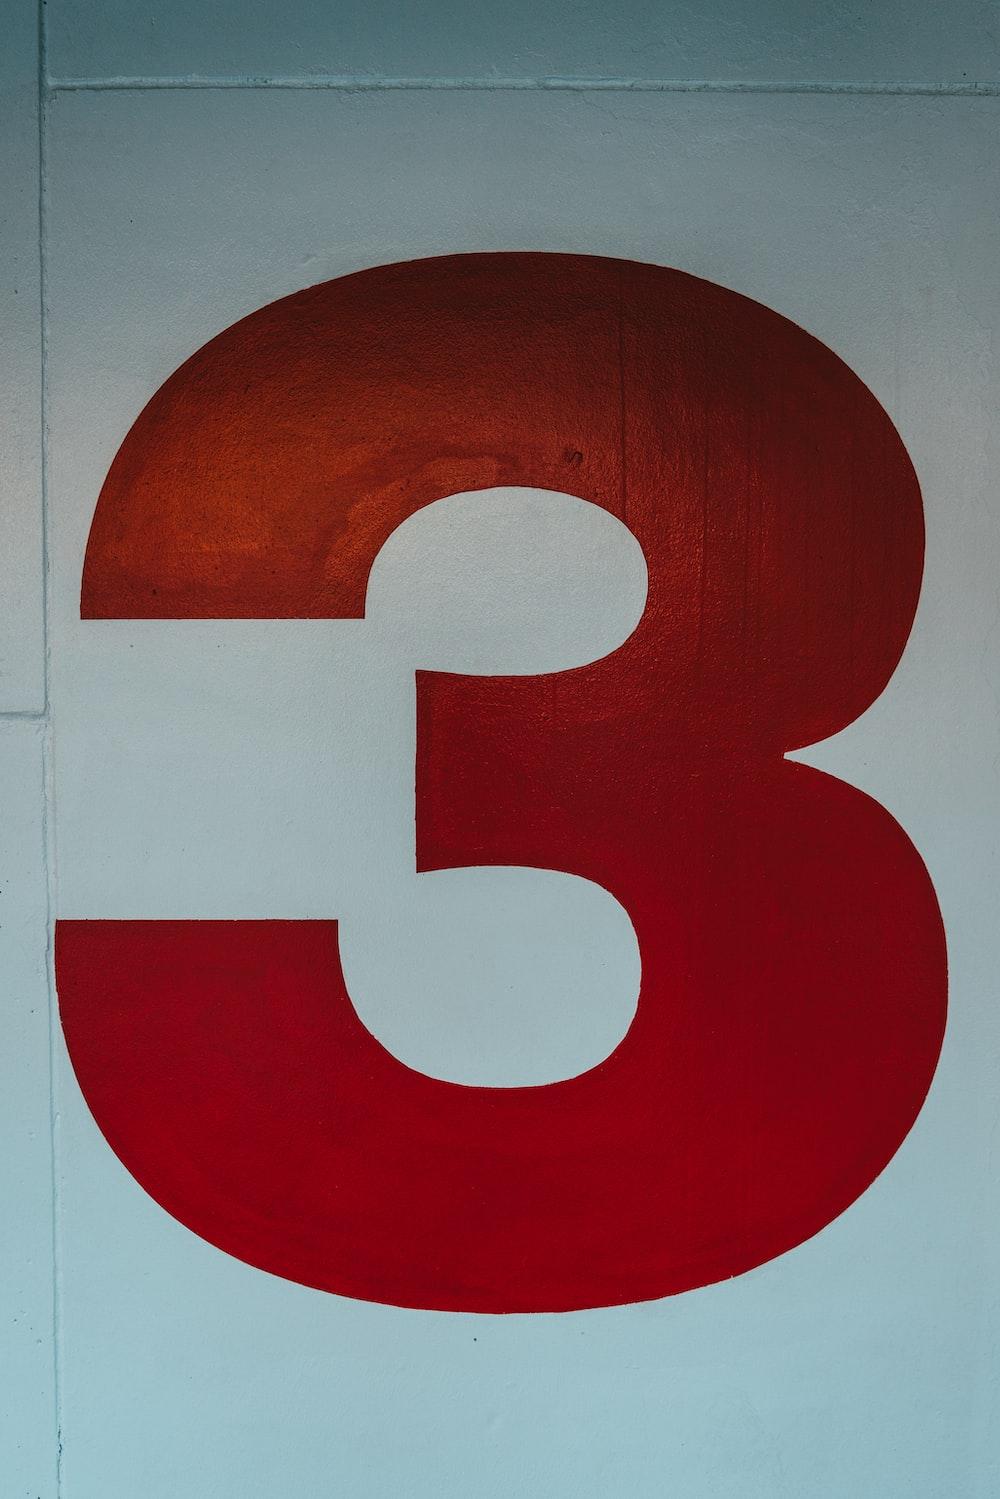 red number 3 illustration